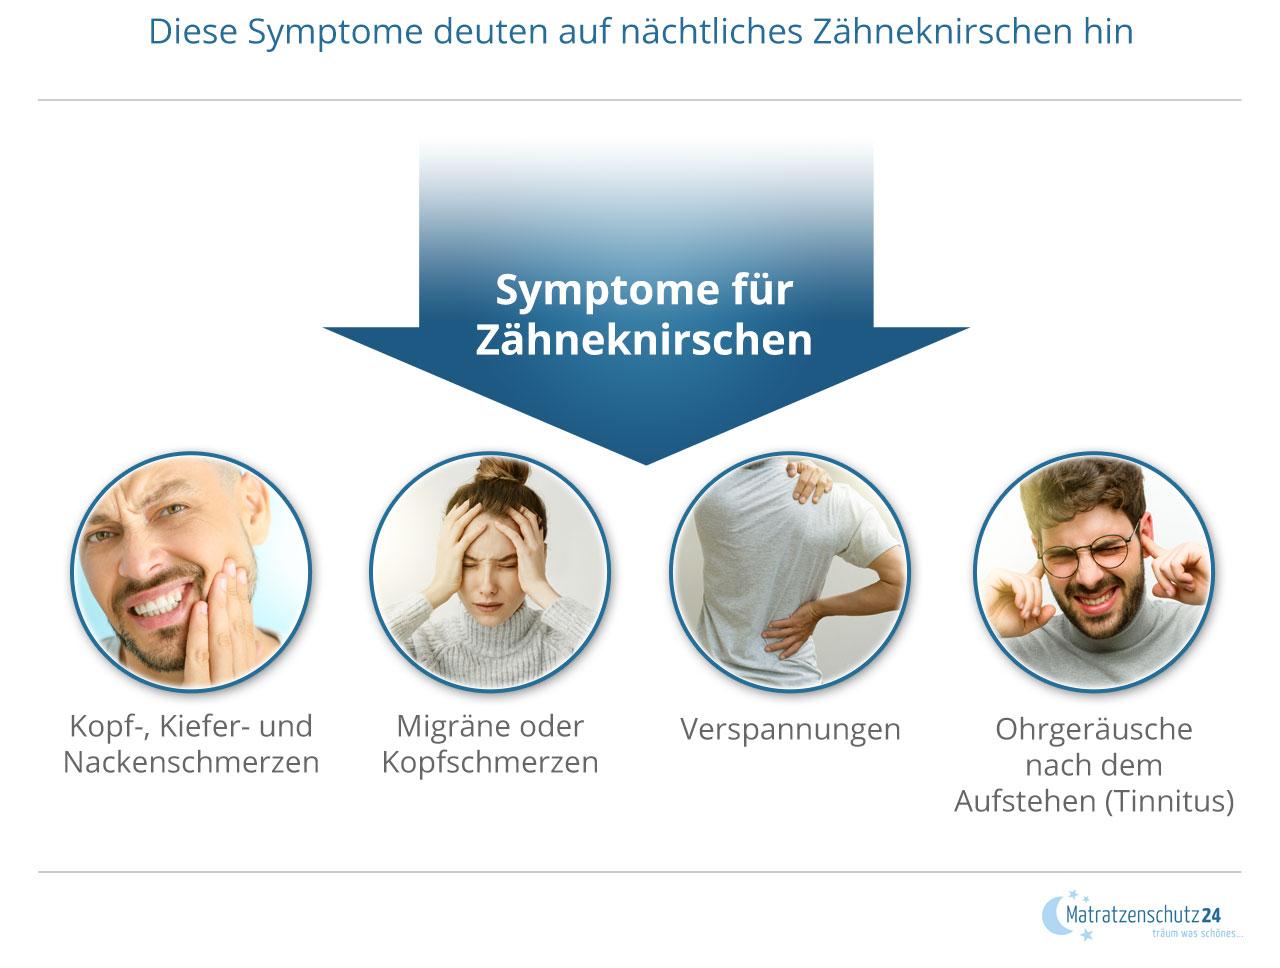 Symptome für Zähneknirschen im Überblick